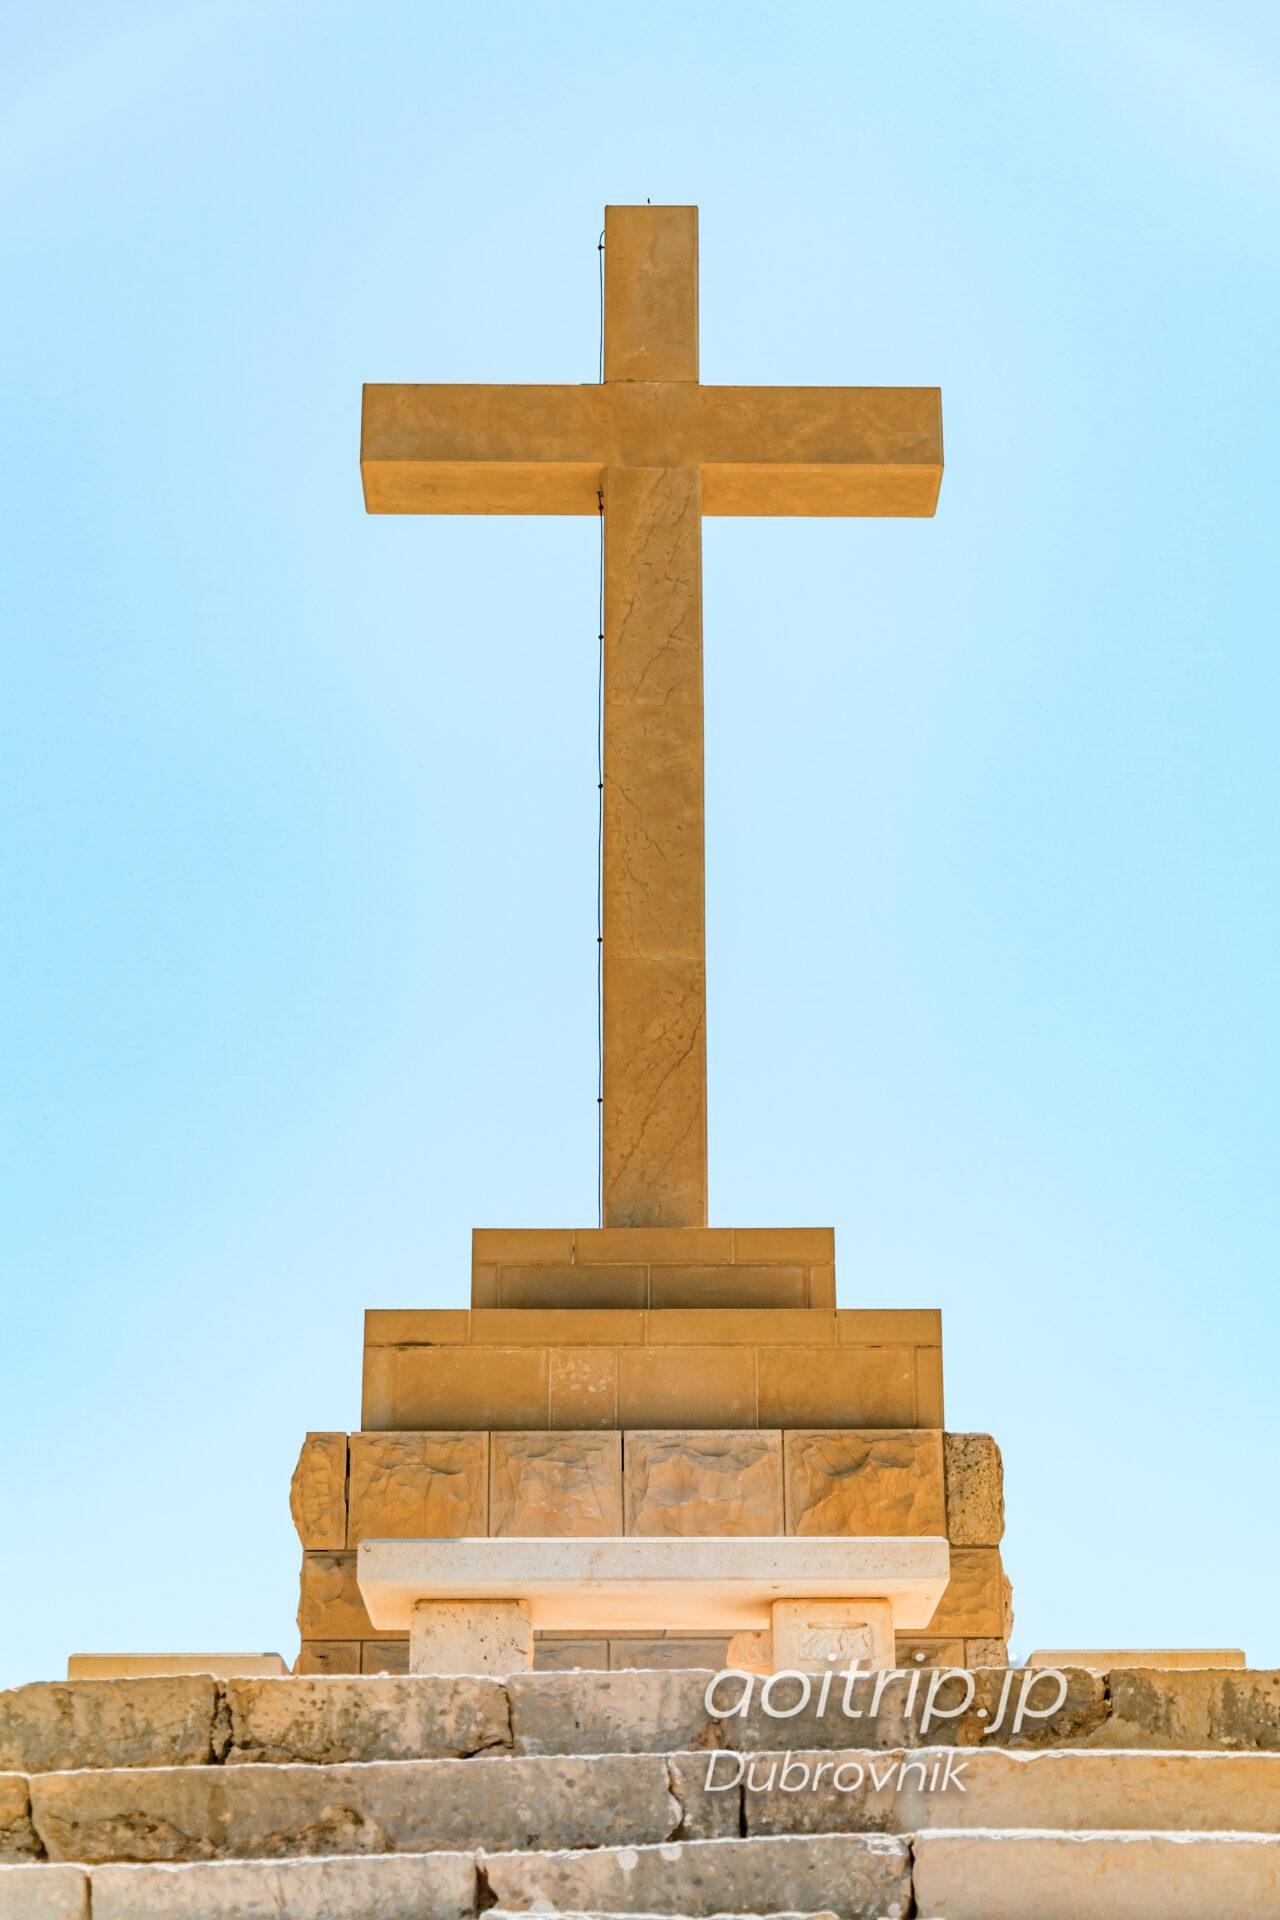 ナポレオンが贈呈した十字架